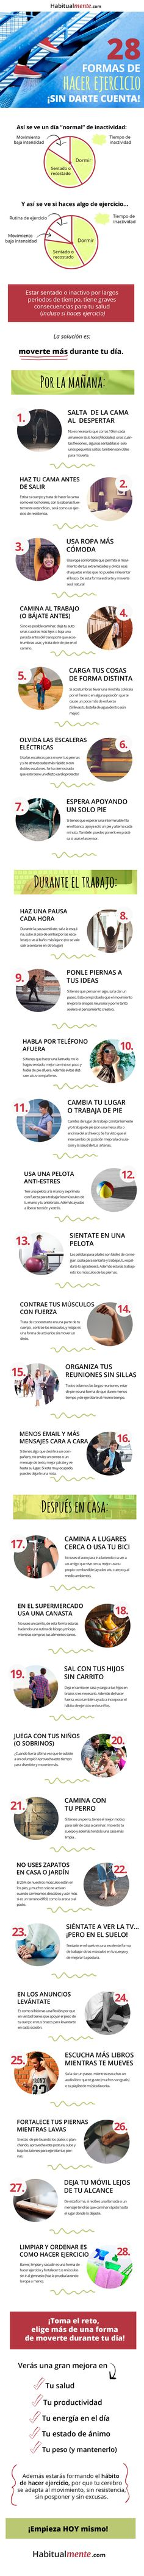 #Infografia 28 formas de hacer ejercicio sin darte cuenta vía @taniahabitos